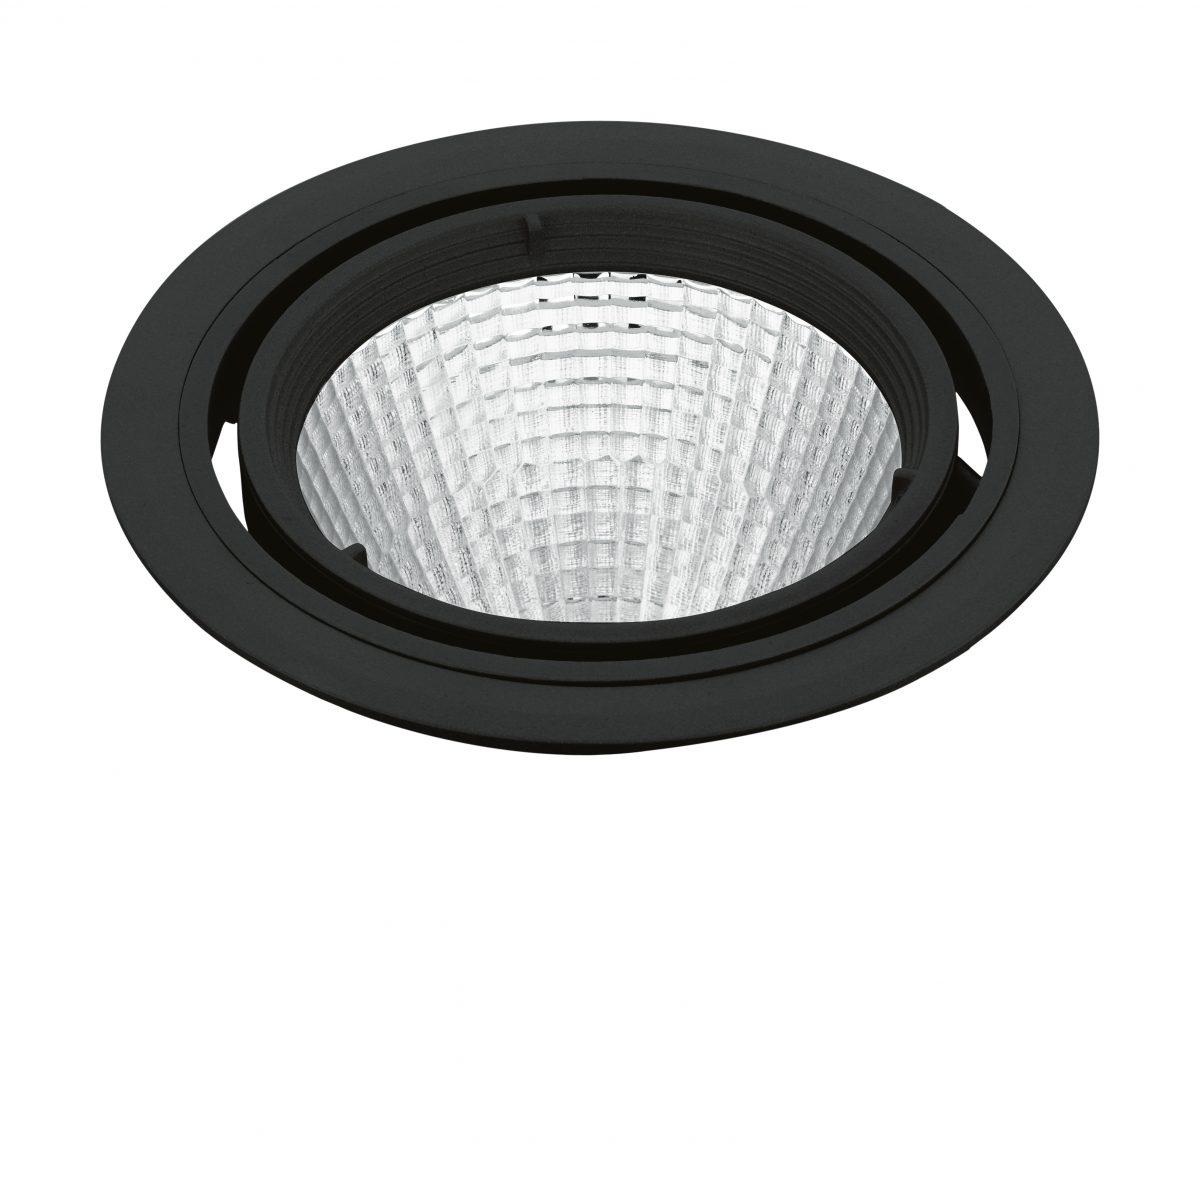 Светильник настенно-потолочный FERRONEGO IN/PROFES EGLO 61428 - Фото №28